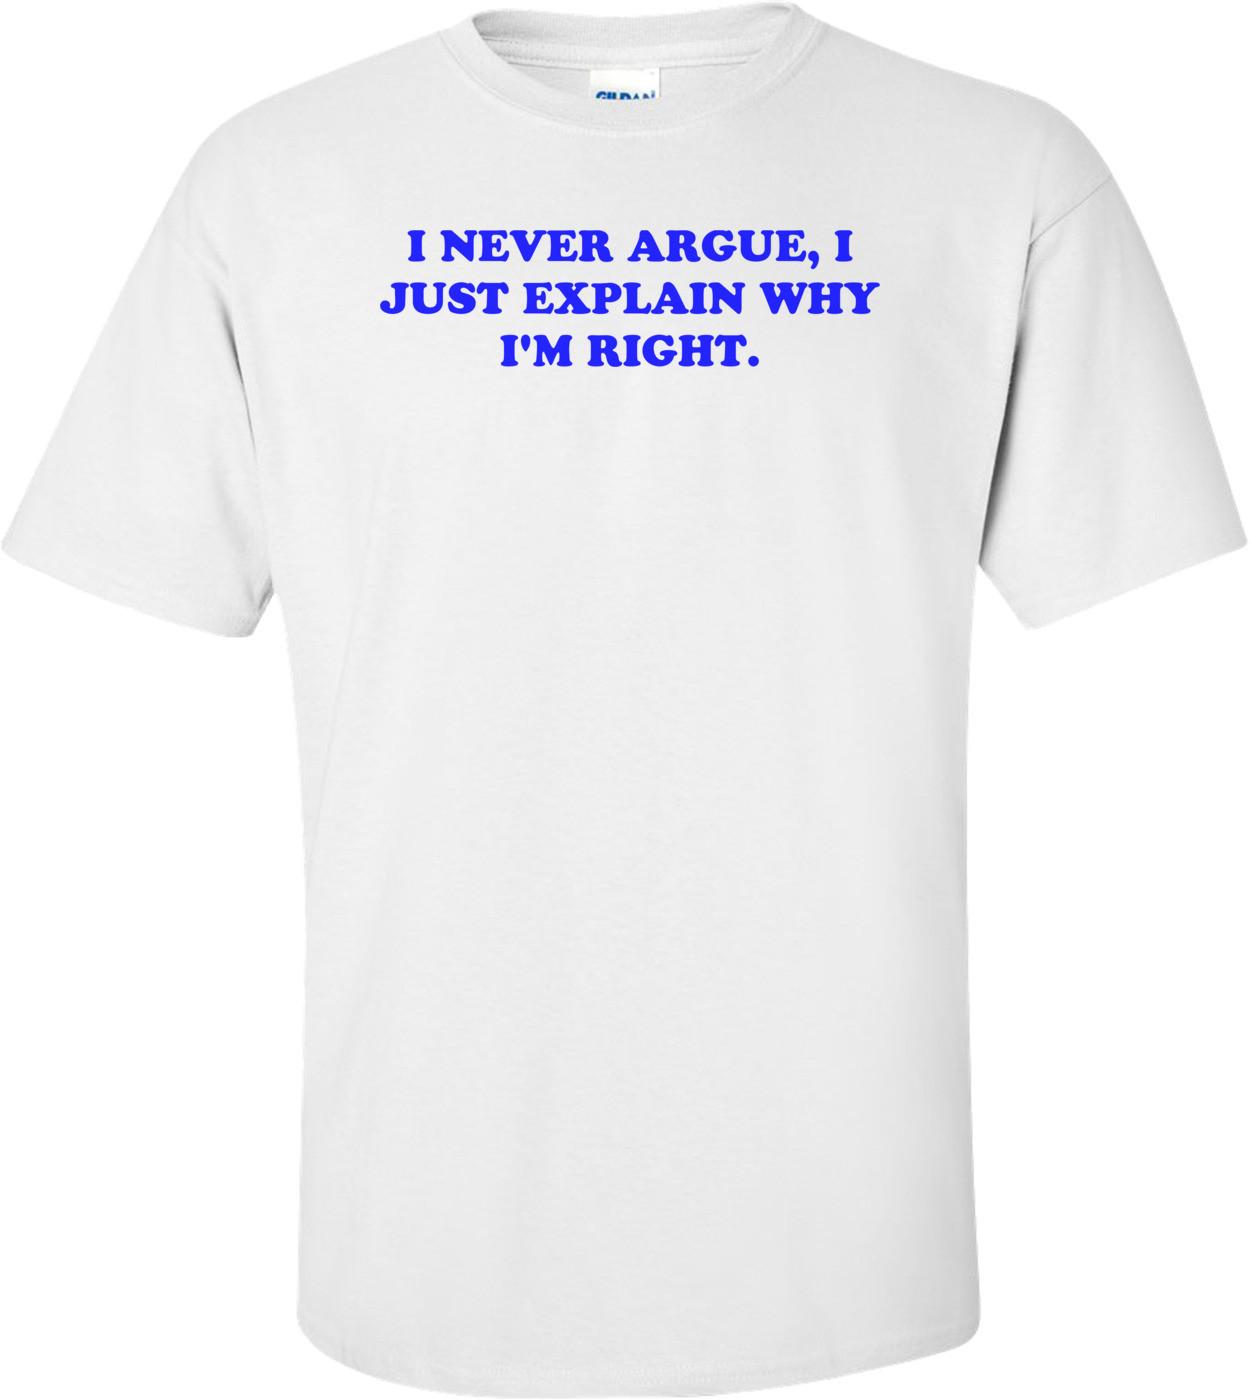 I NEVER ARGUE, I JUST EXPLAIN WHY I'M RIGHT. Shirt